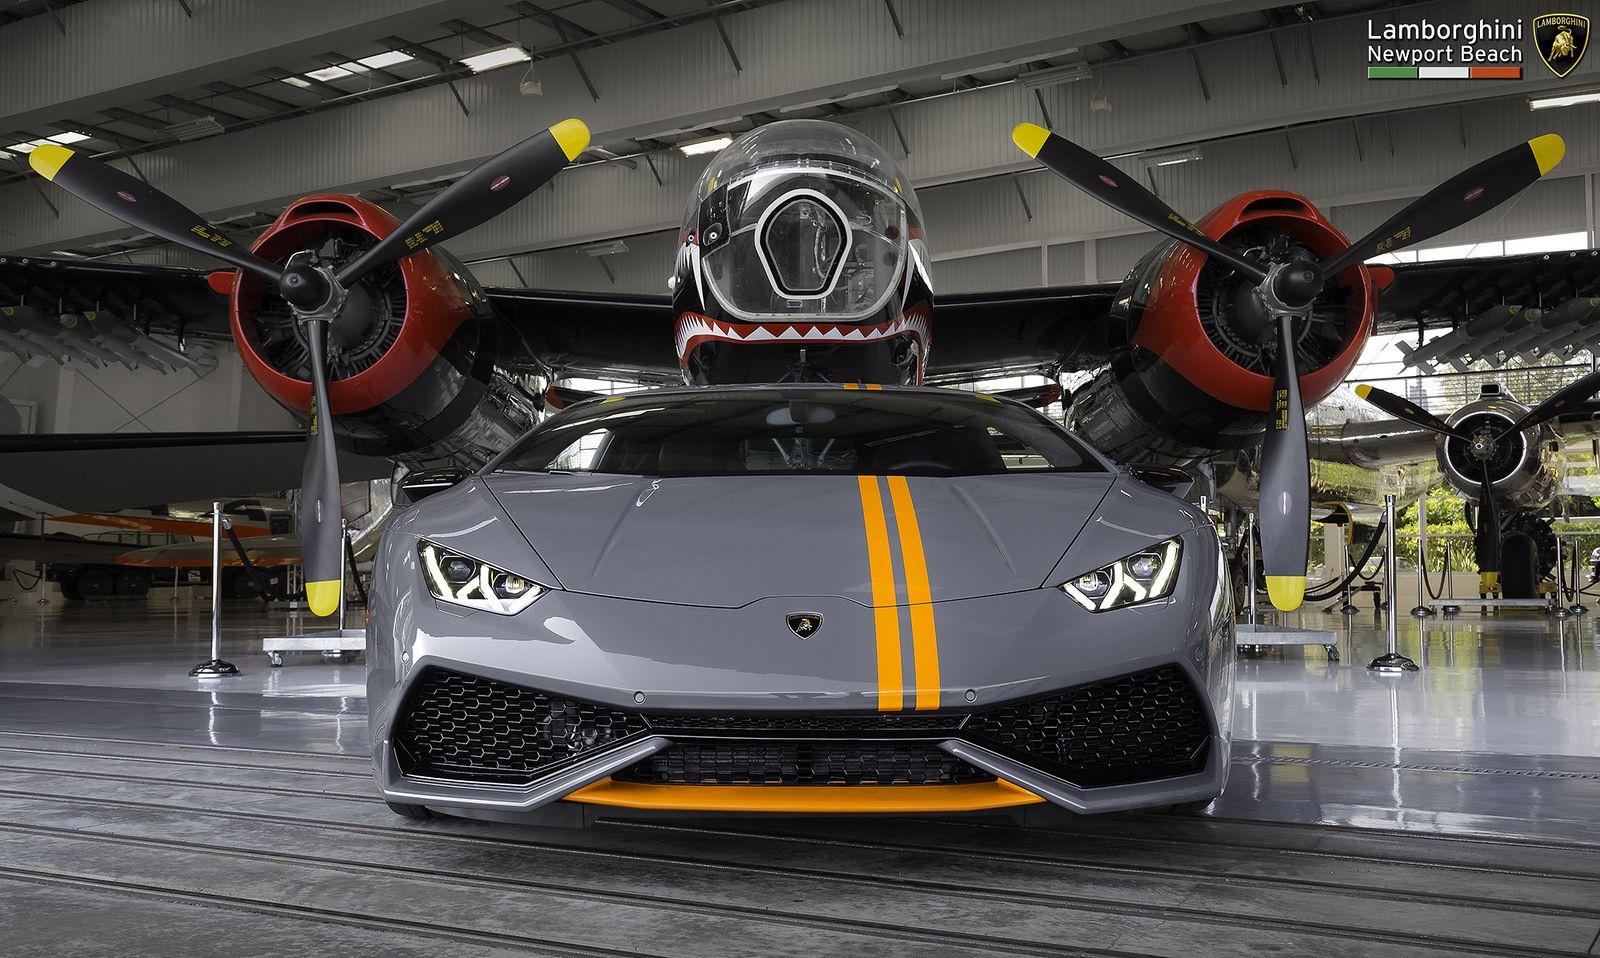 Lamborghini Huracan Lp 610 4 Avio Edition Cars Lamborghini